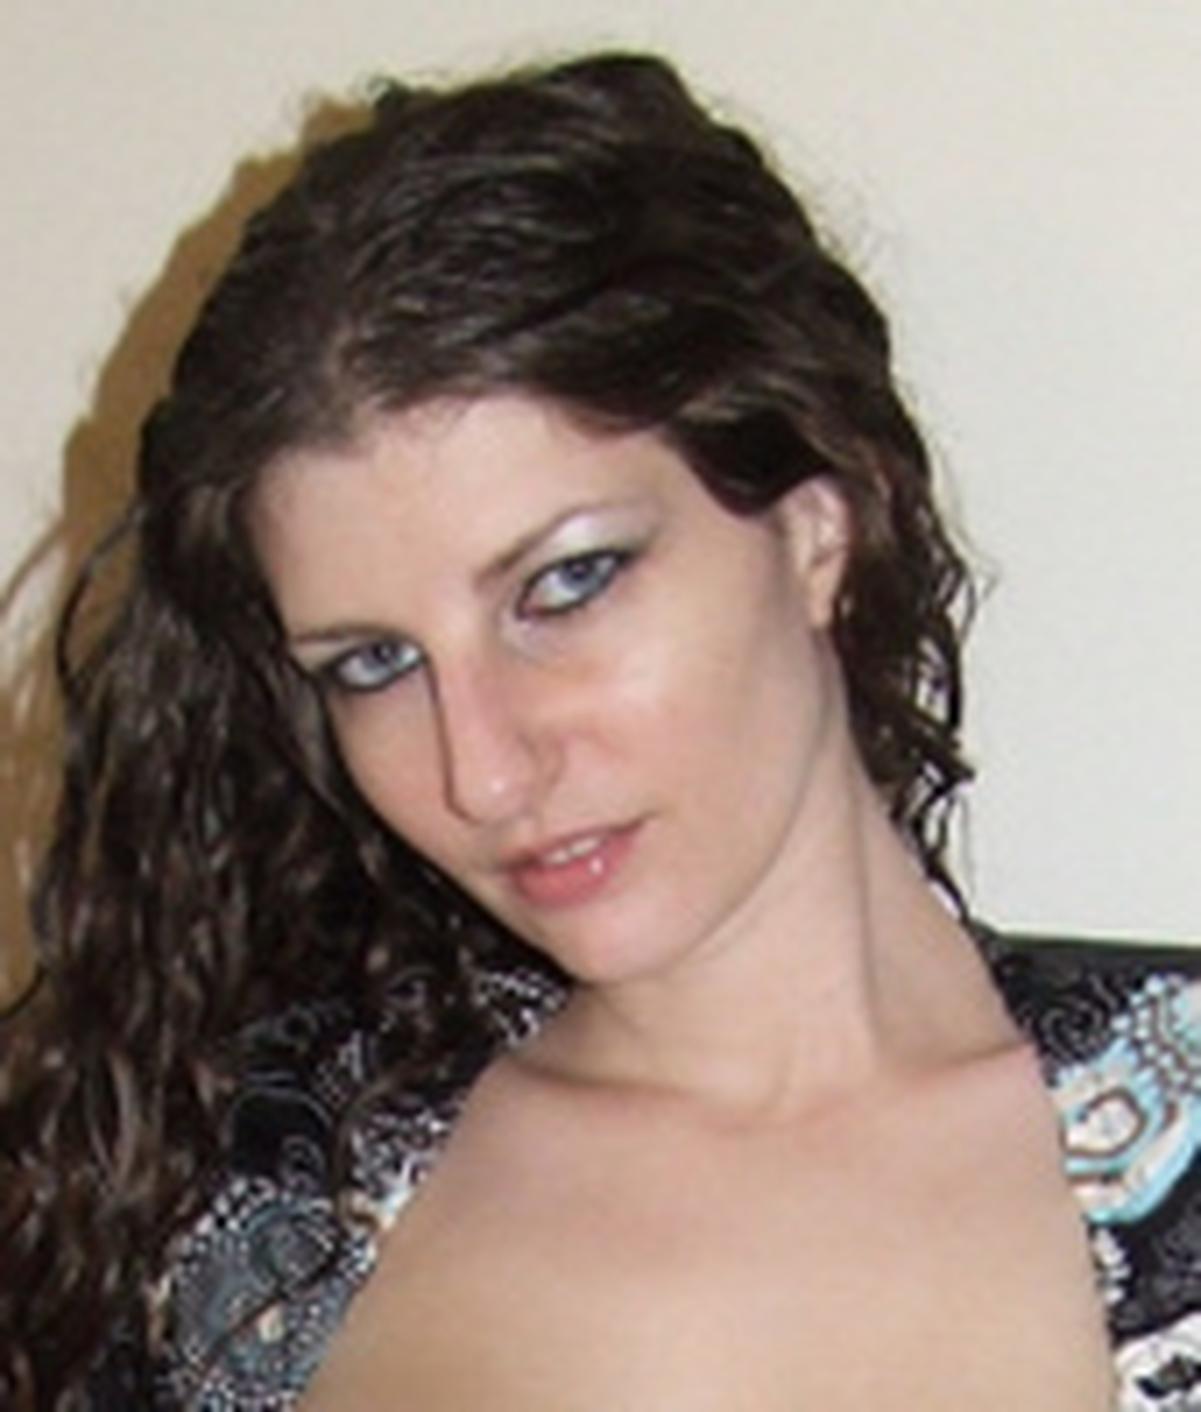 Sabrina Deep | Wiki | Everipedia